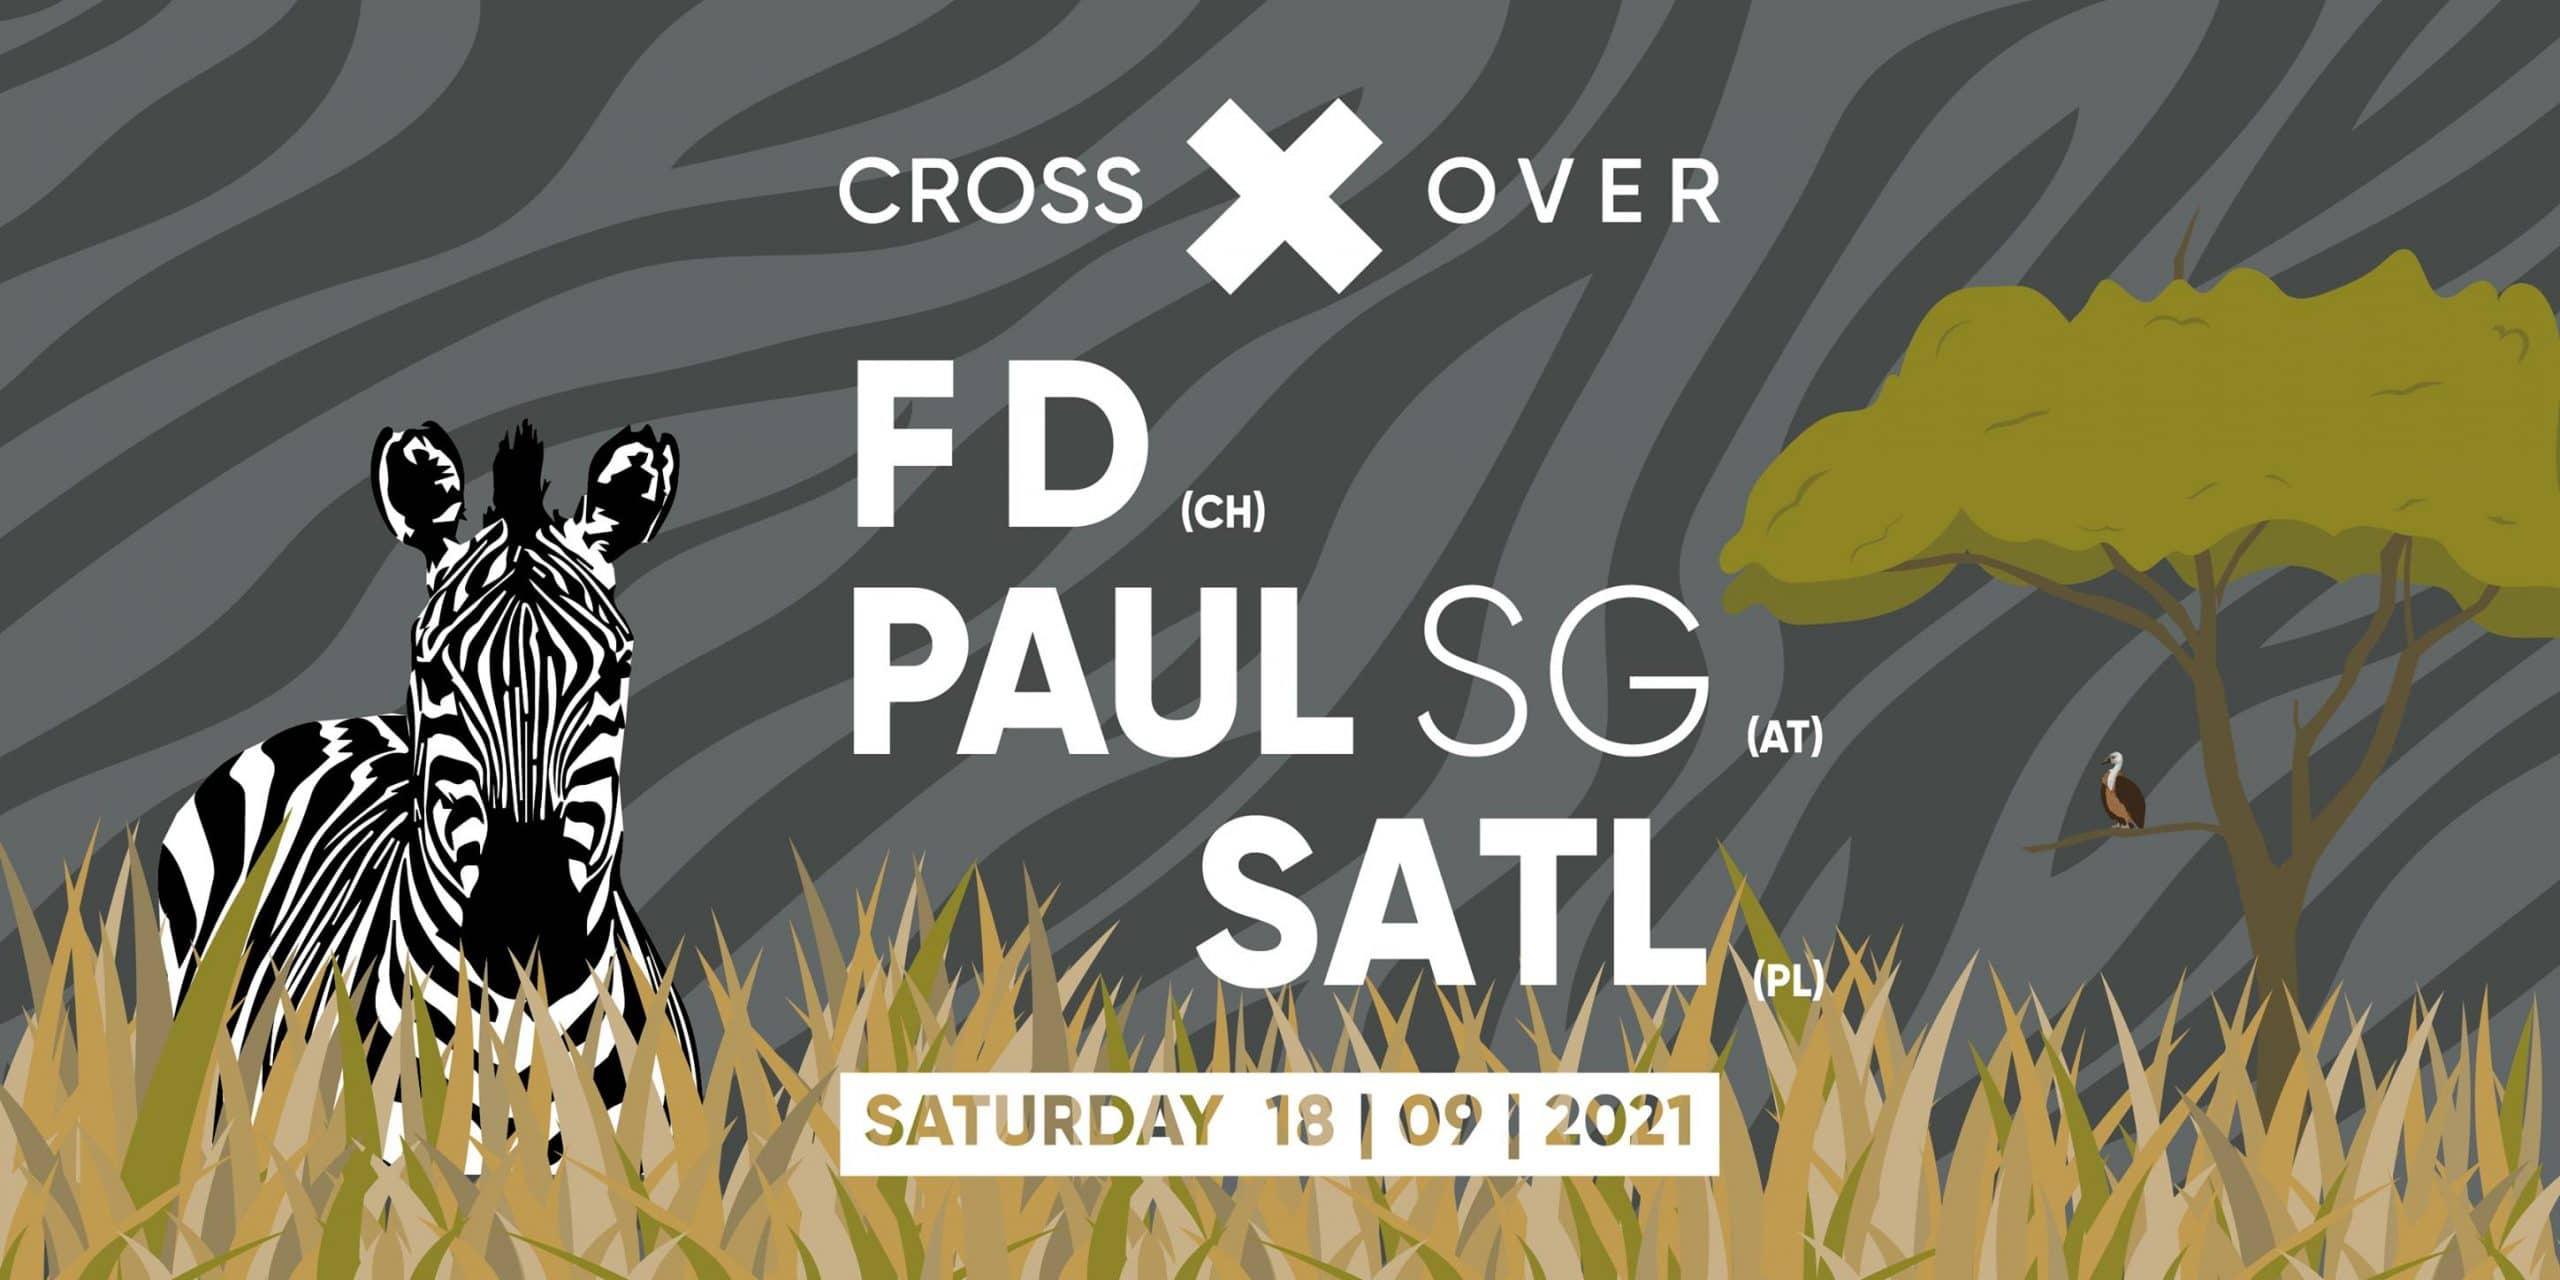 Events Wien: Crossover pres. FD, Paul SG & Satl